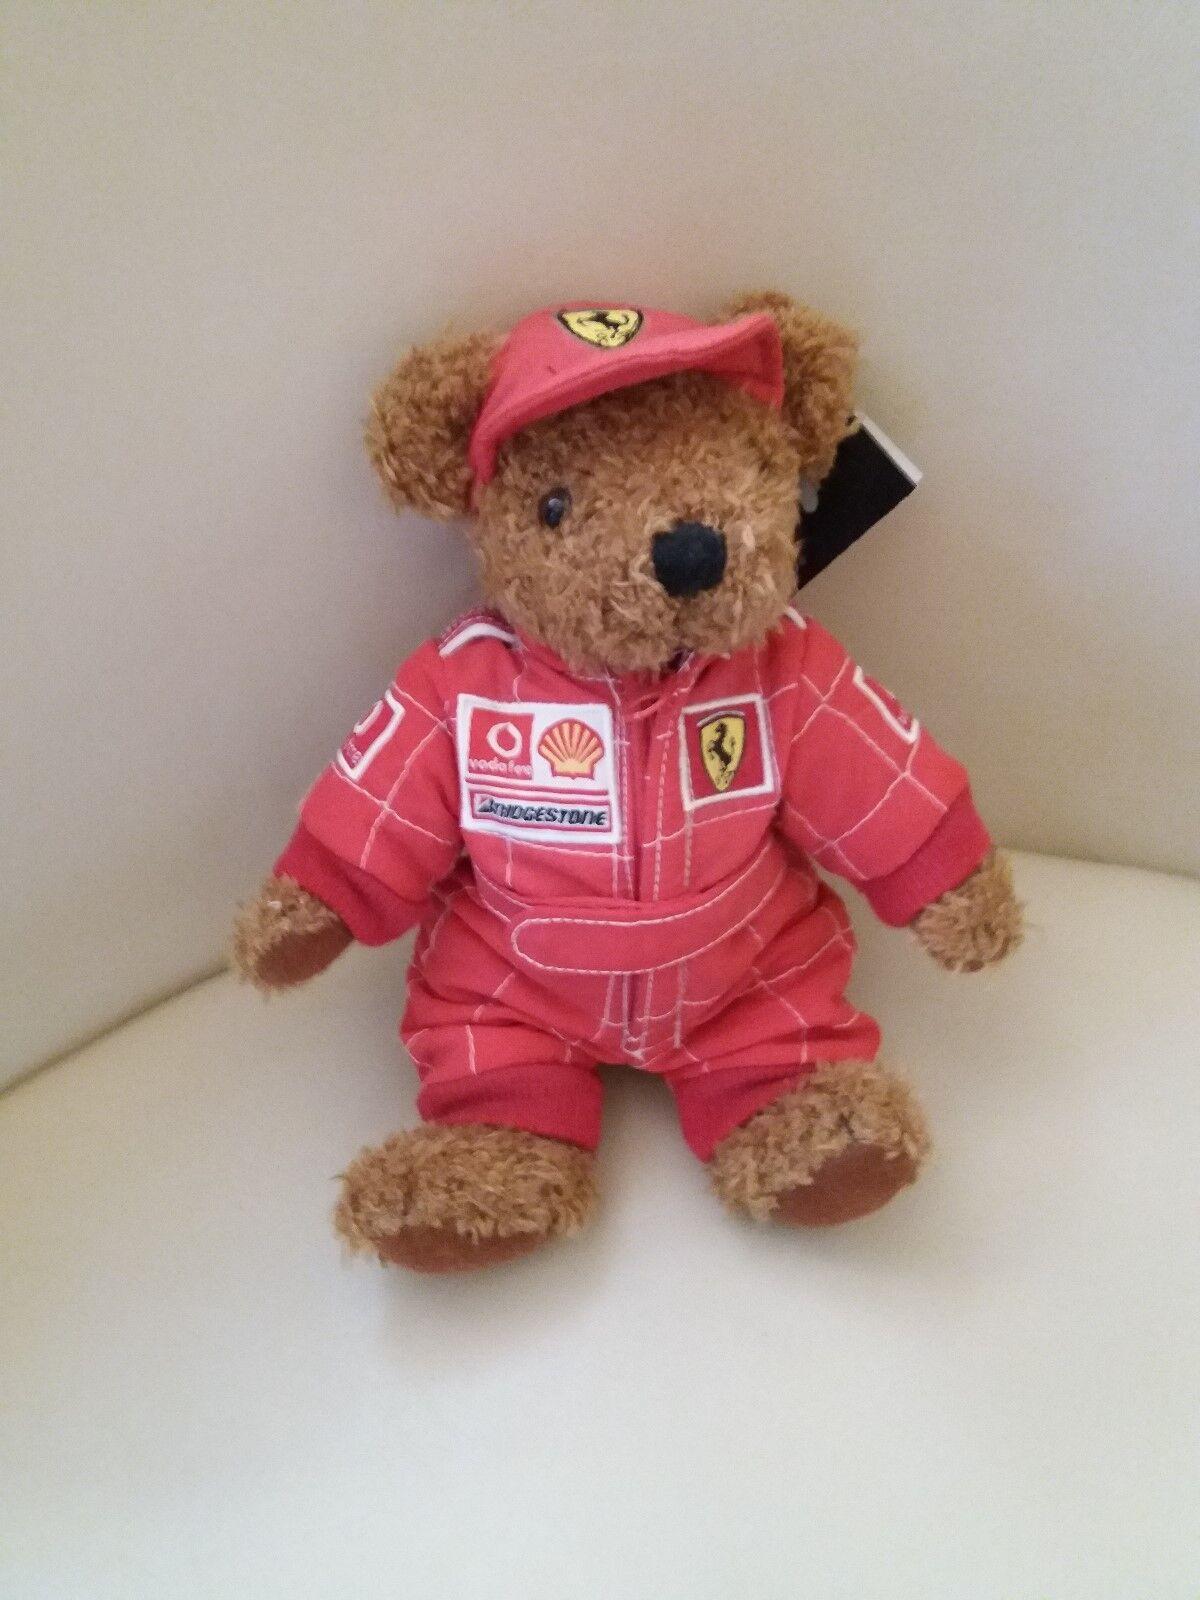 F1 Ferrari Teddy Bear with tags